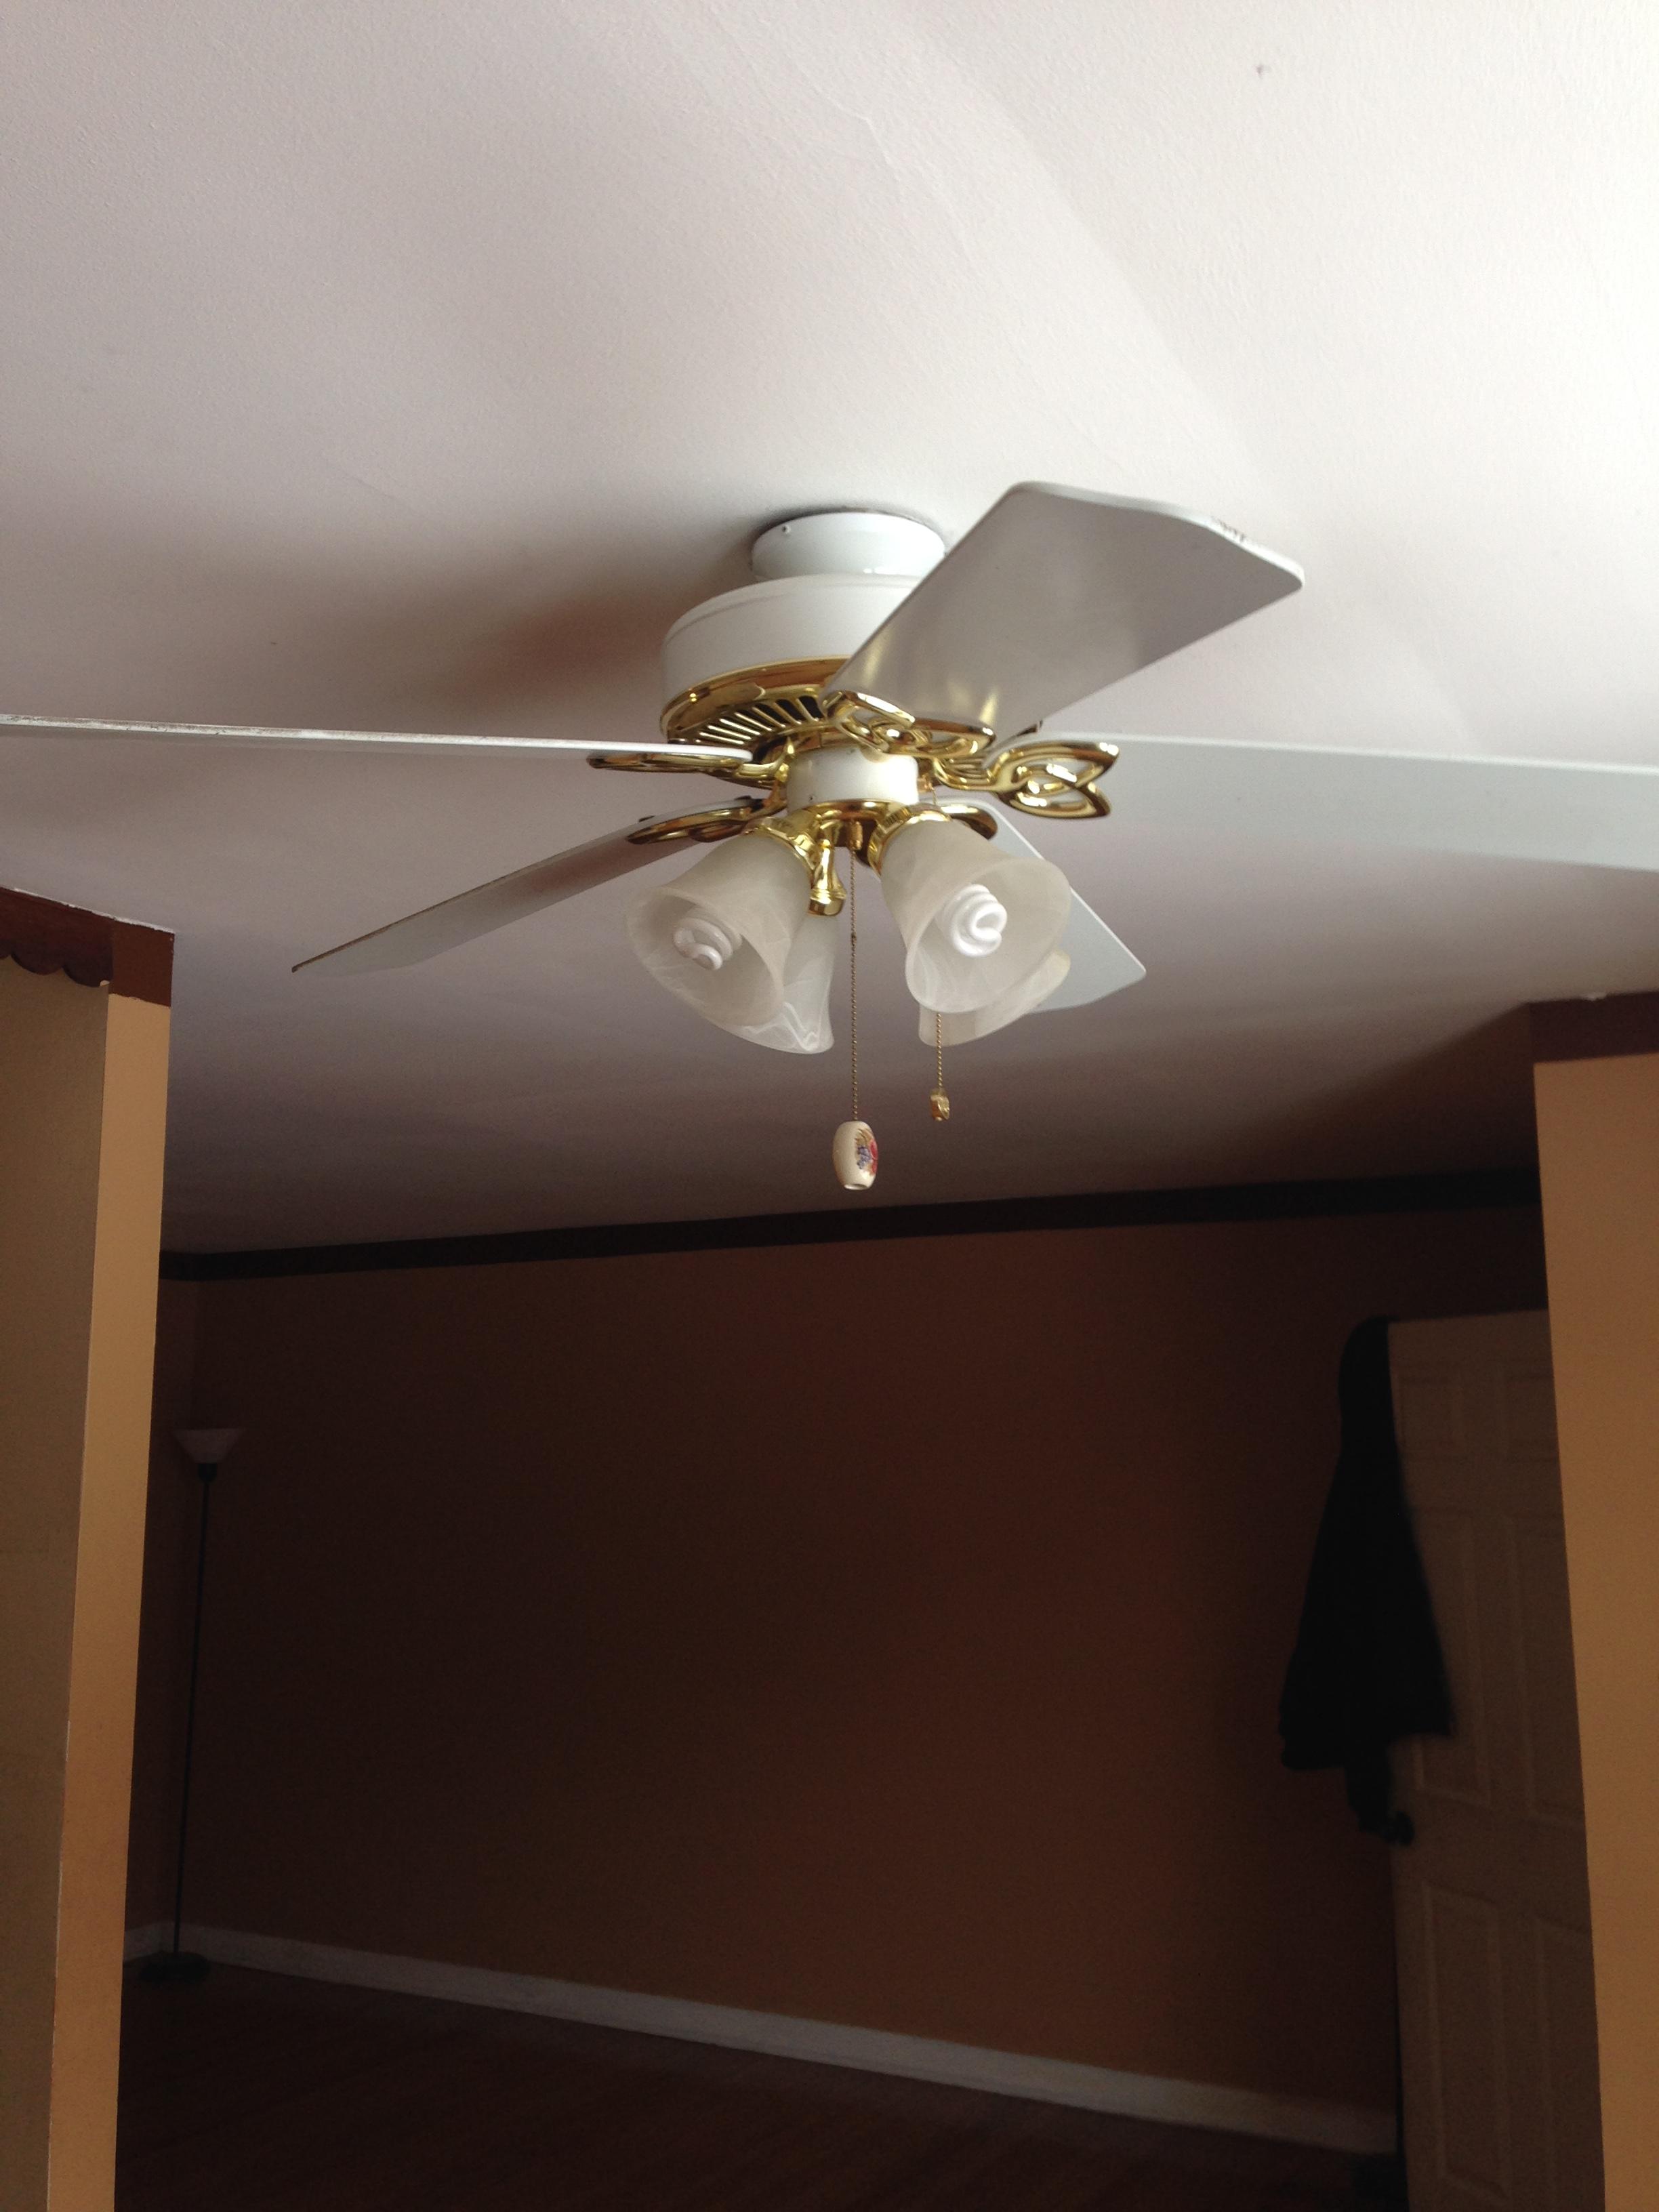 268 Bridge ceiling fan